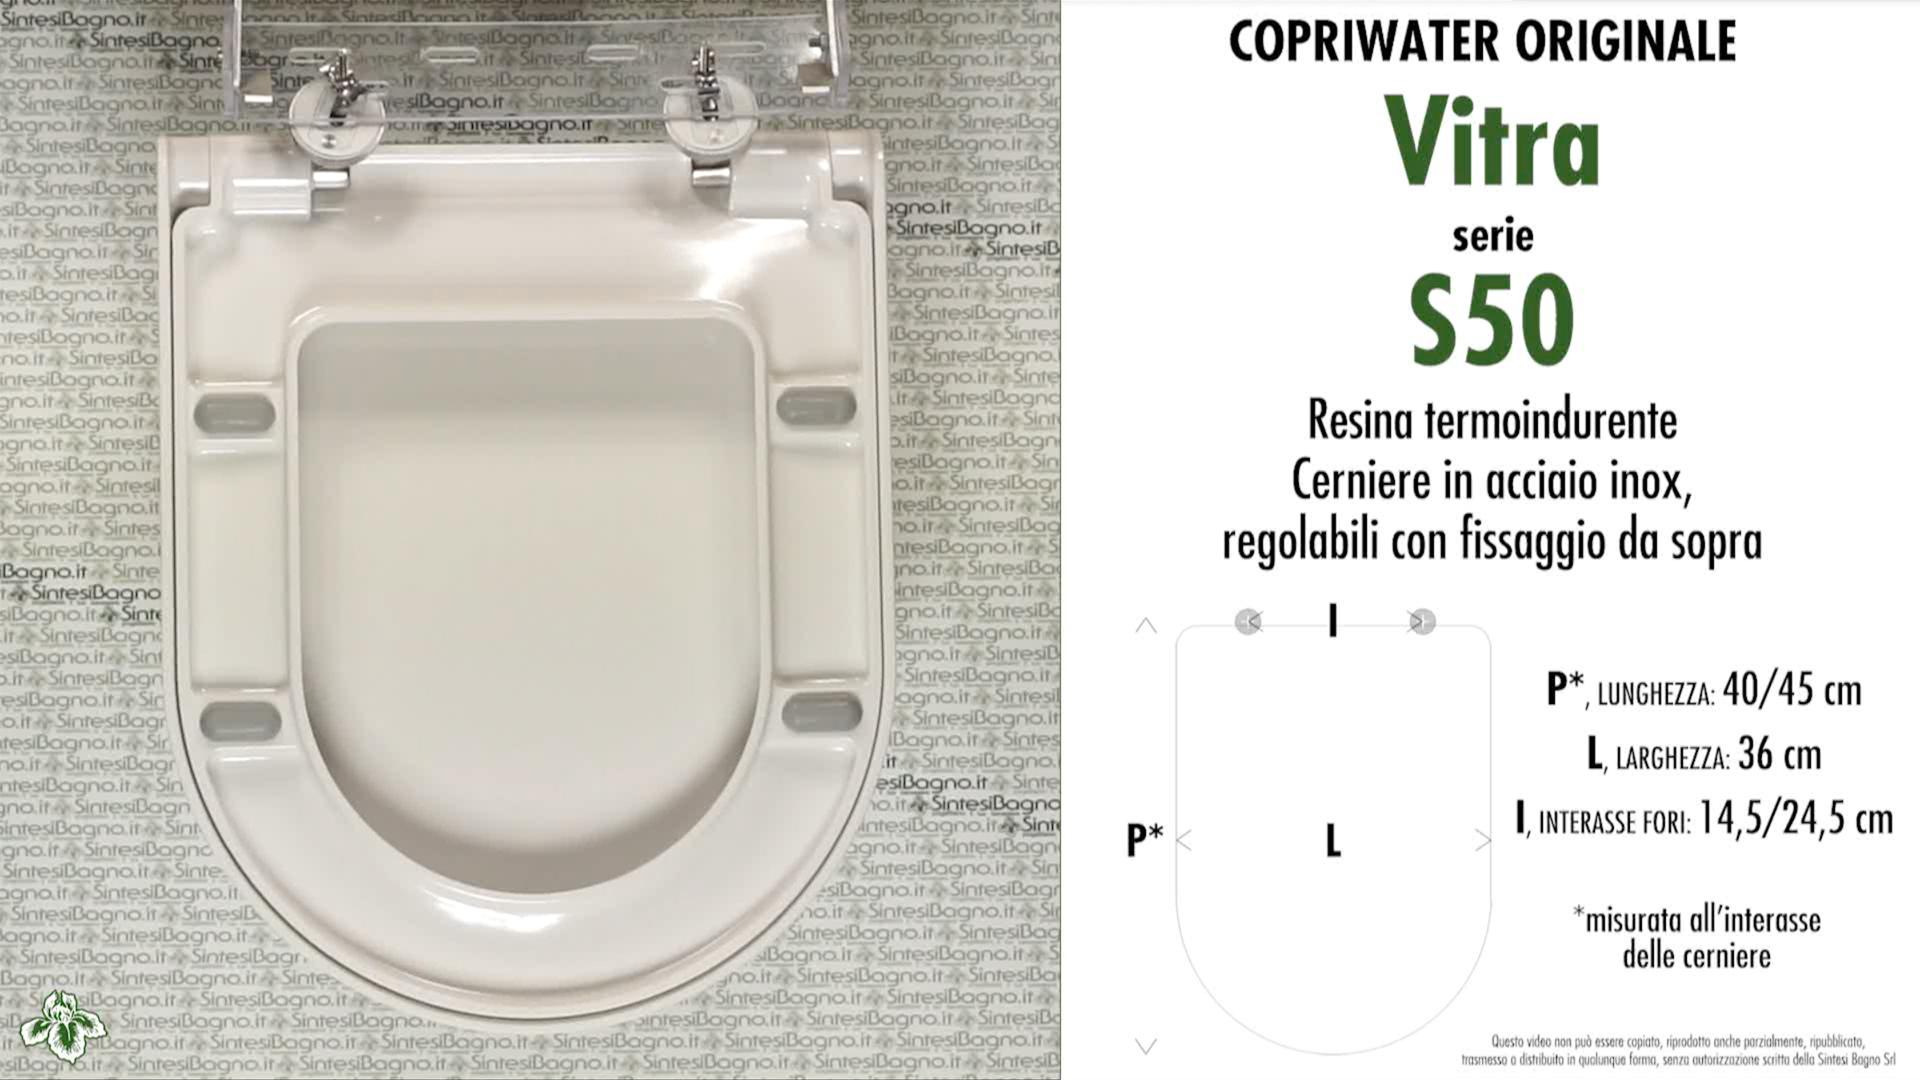 SCHEDA TECNICA MISURE copriwater VITRA S50